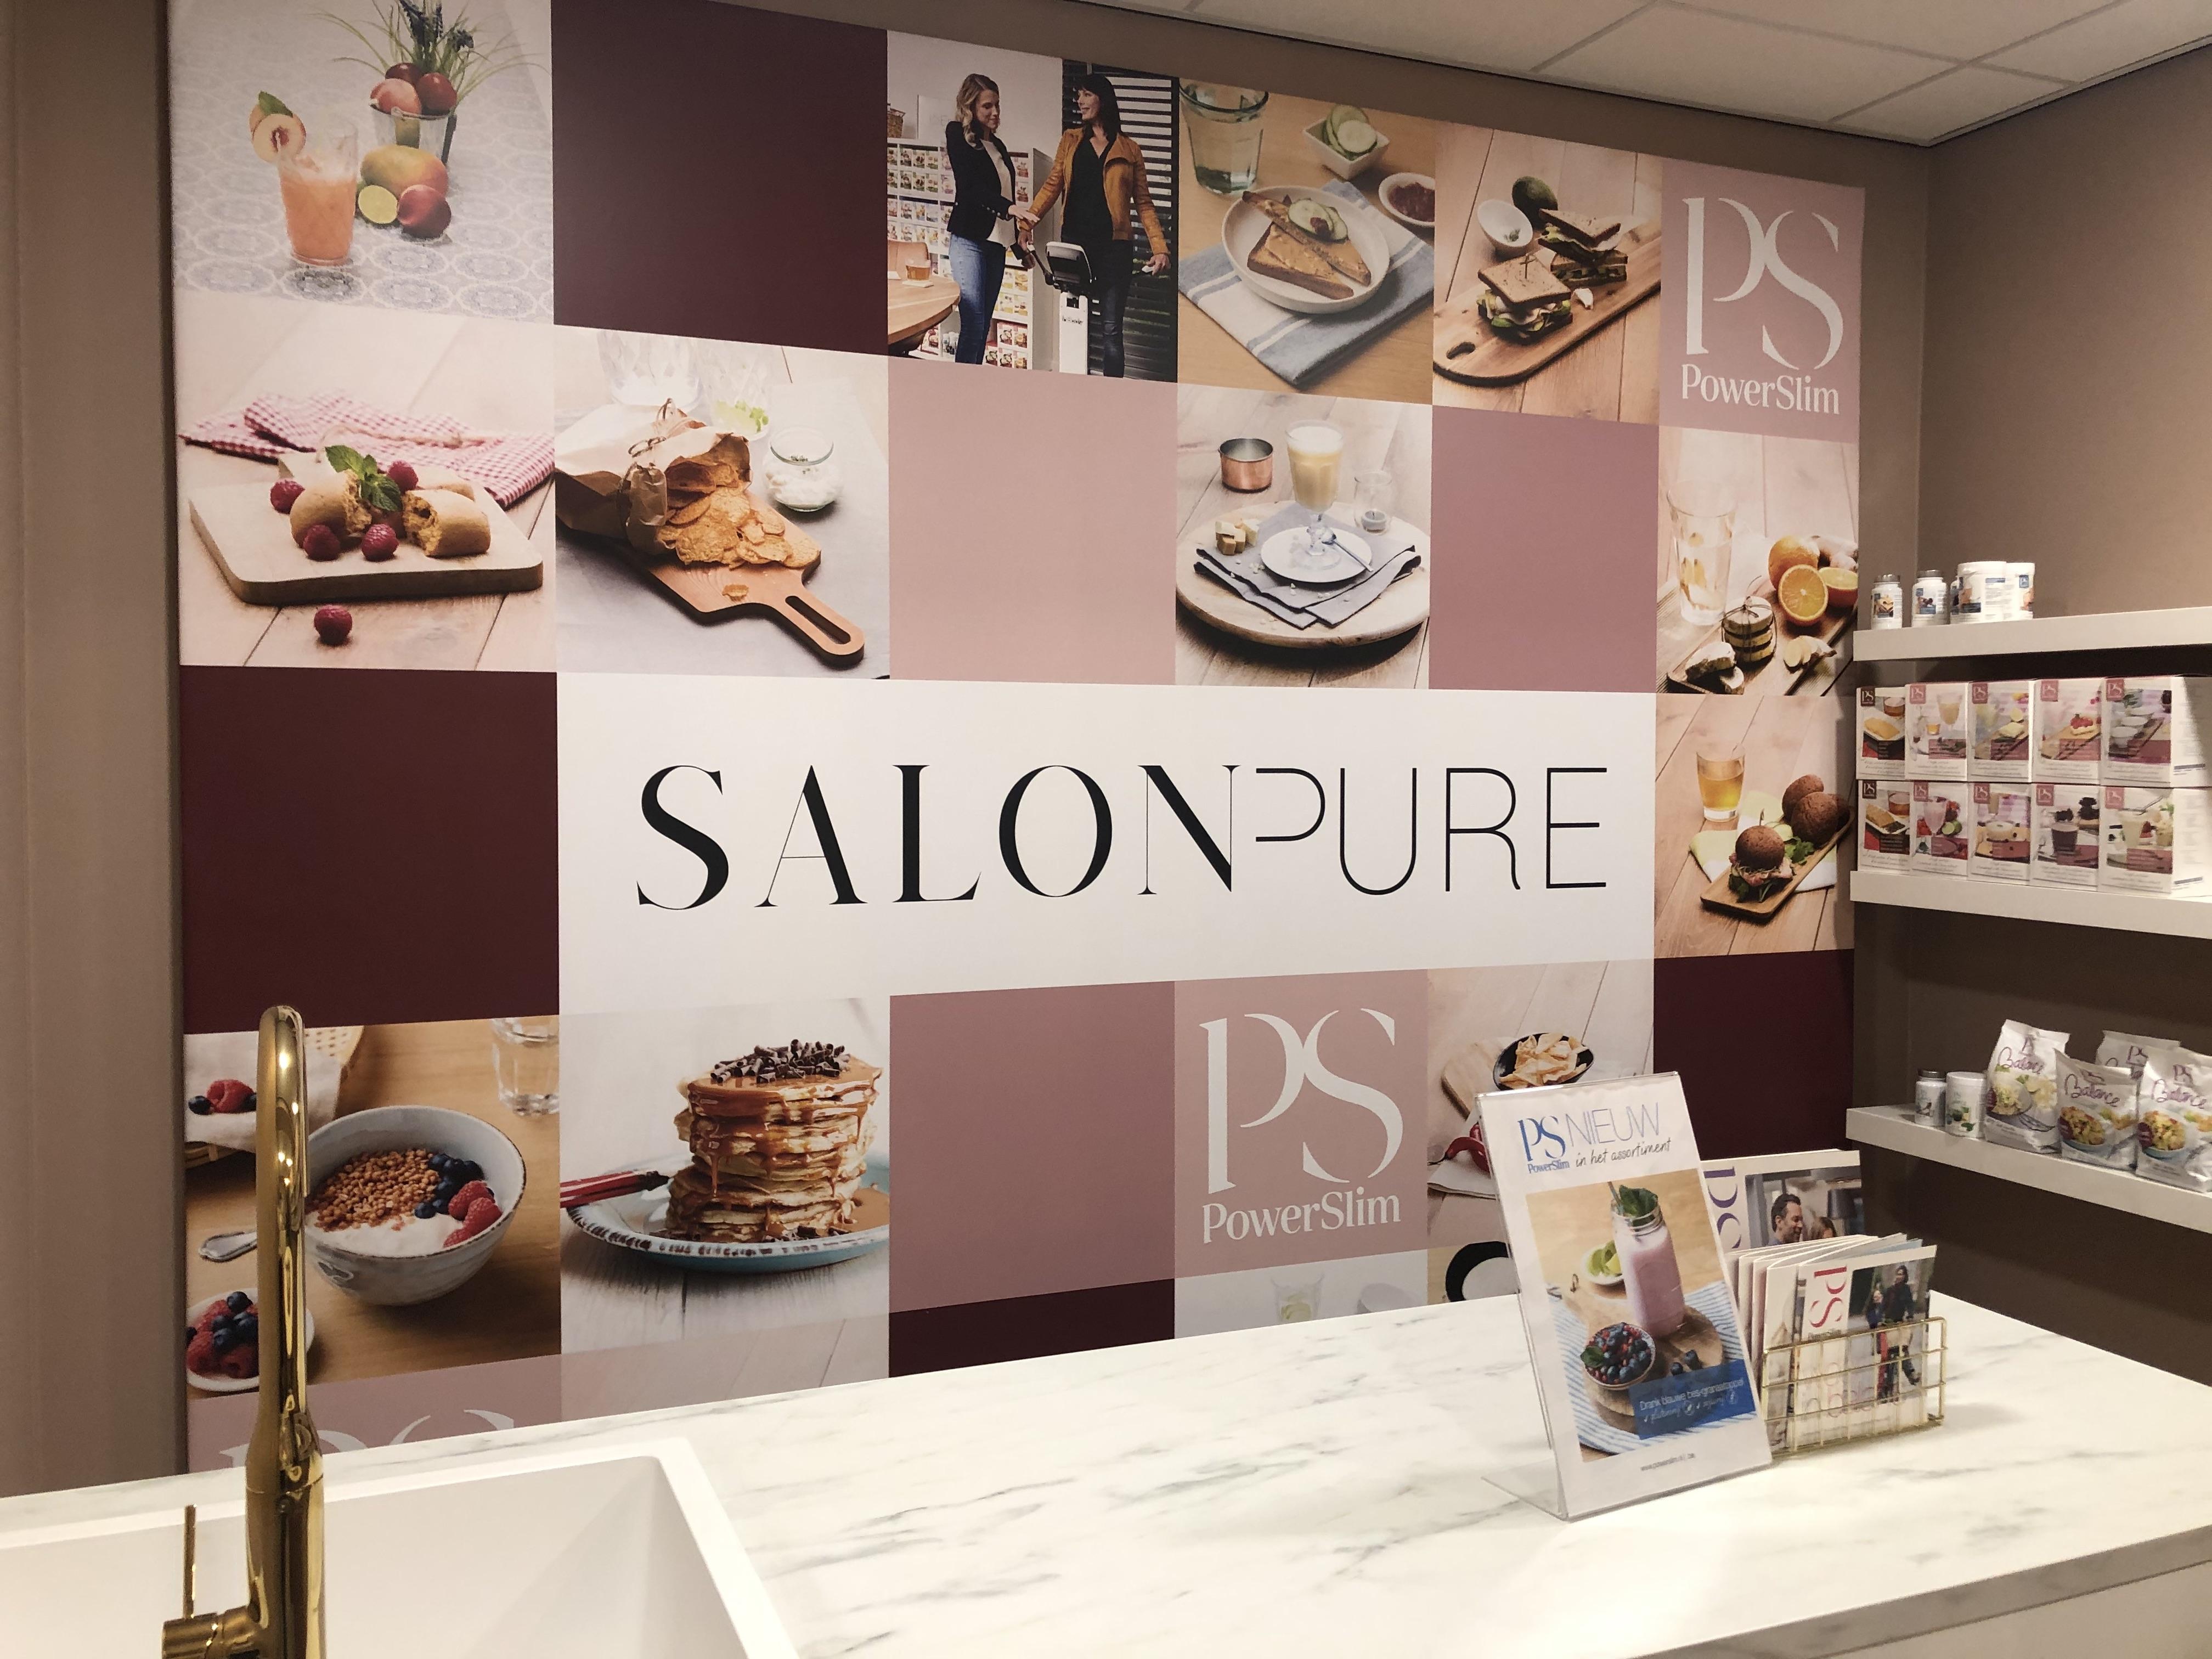 Salon Pure 2